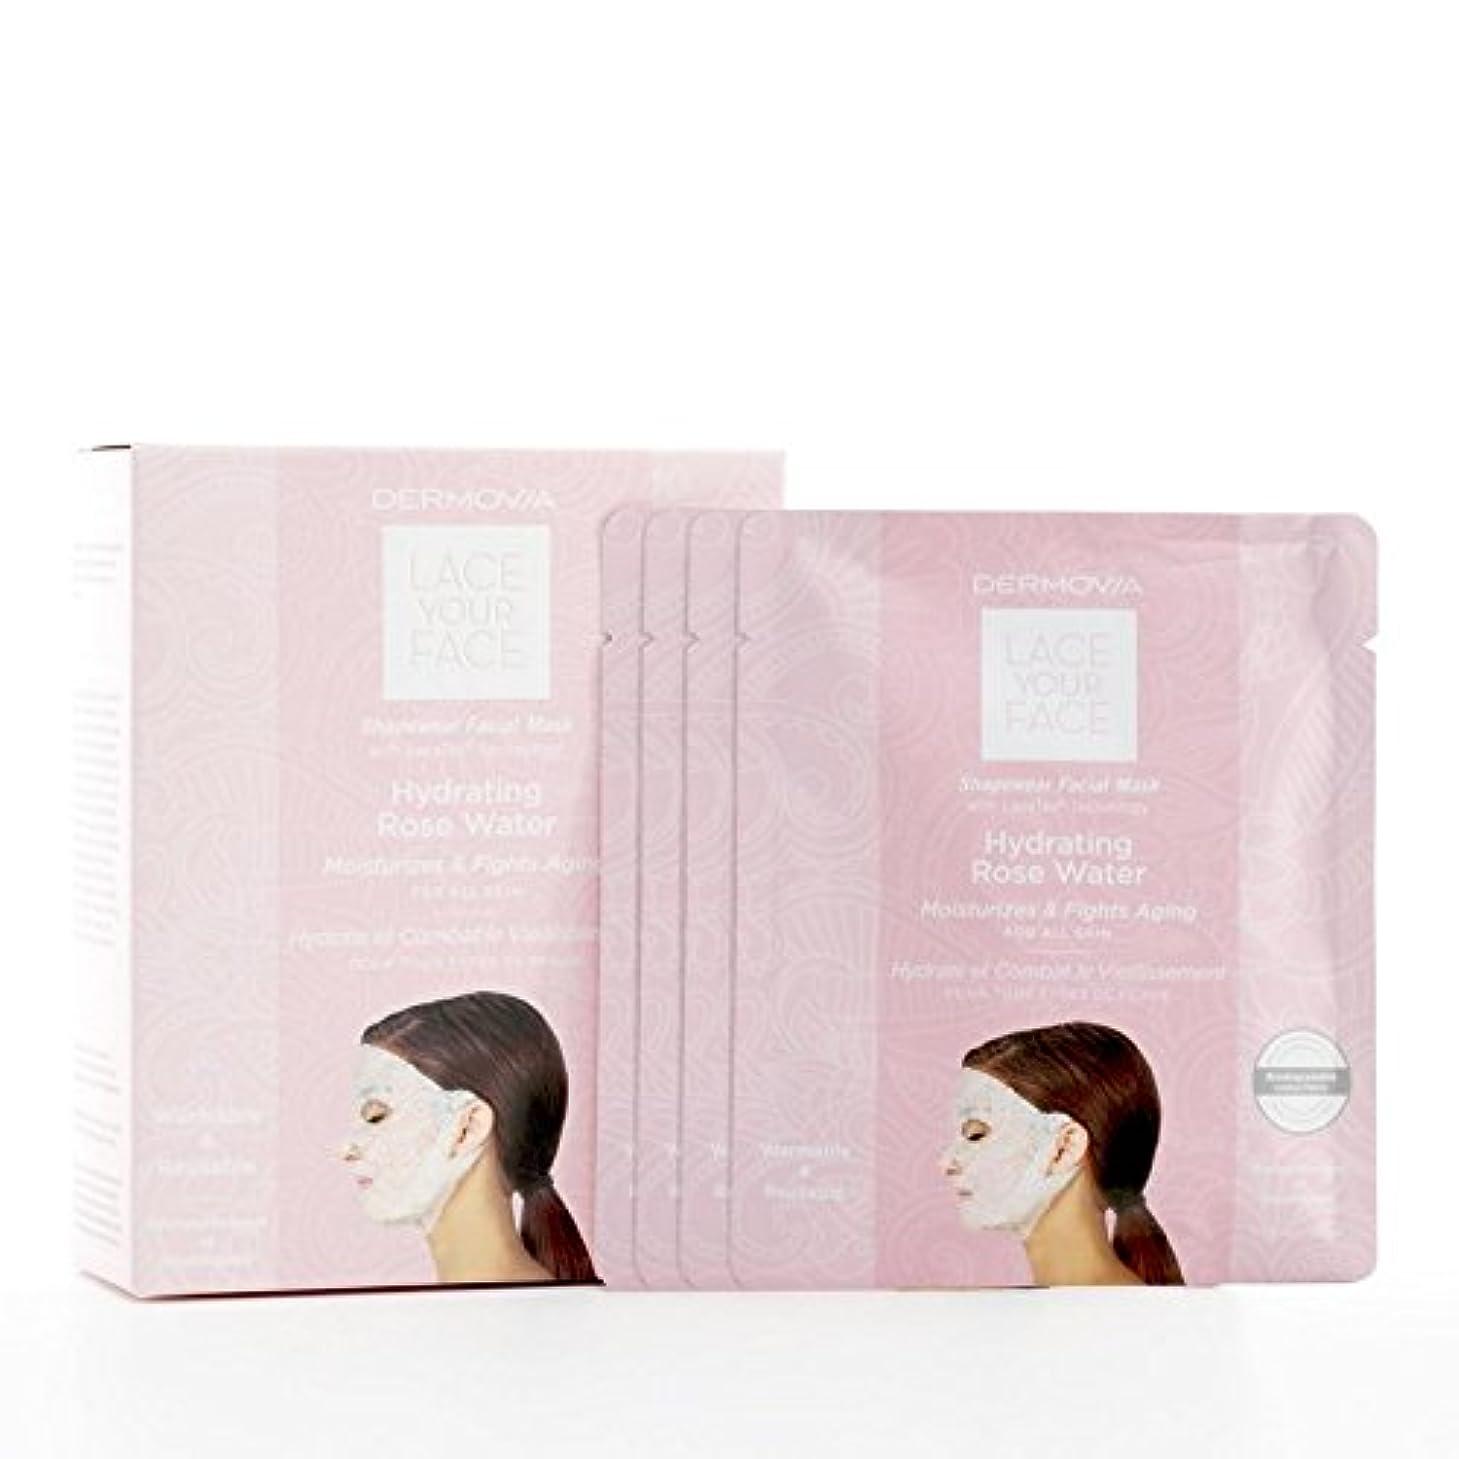 味方ペースト威するは、あなたの顔の圧縮フェイシャルマスク水和が水をバラレース x4 - Dermovia Lace Your Face Compression Facial Mask Hydrating Rose Water (Pack of 4) [並行輸入品]